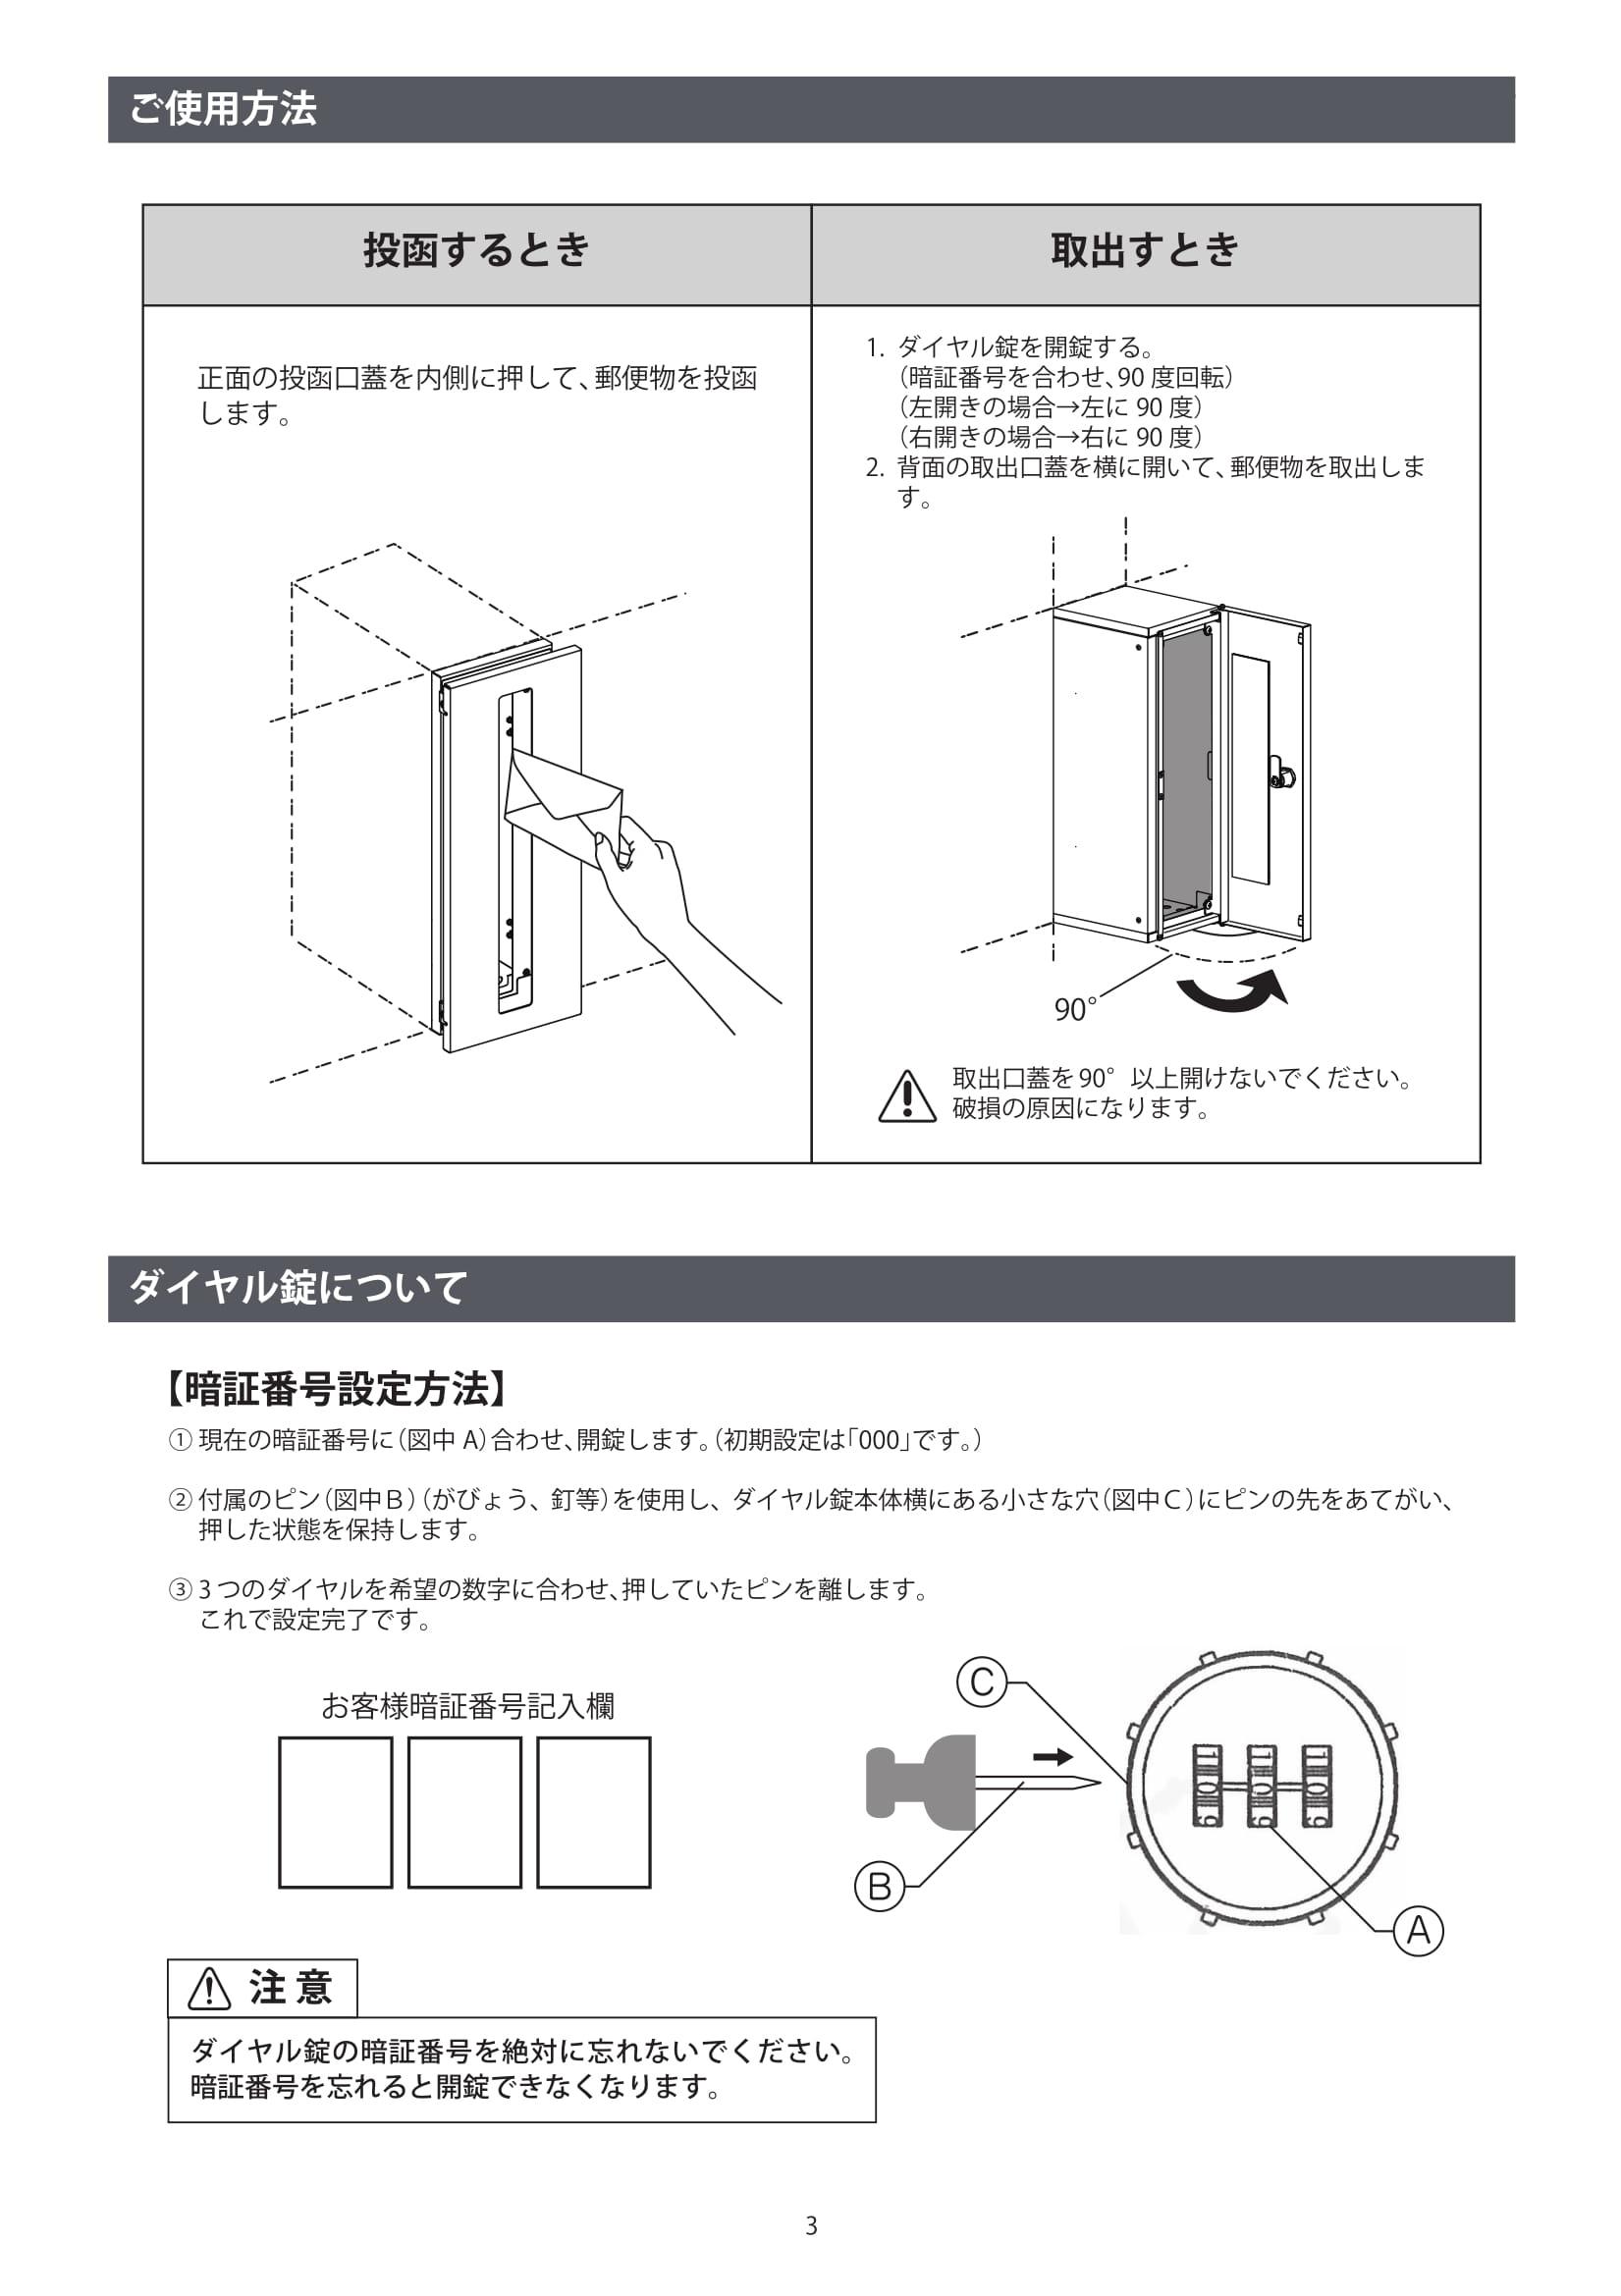 オストタテ_取扱説明書-3